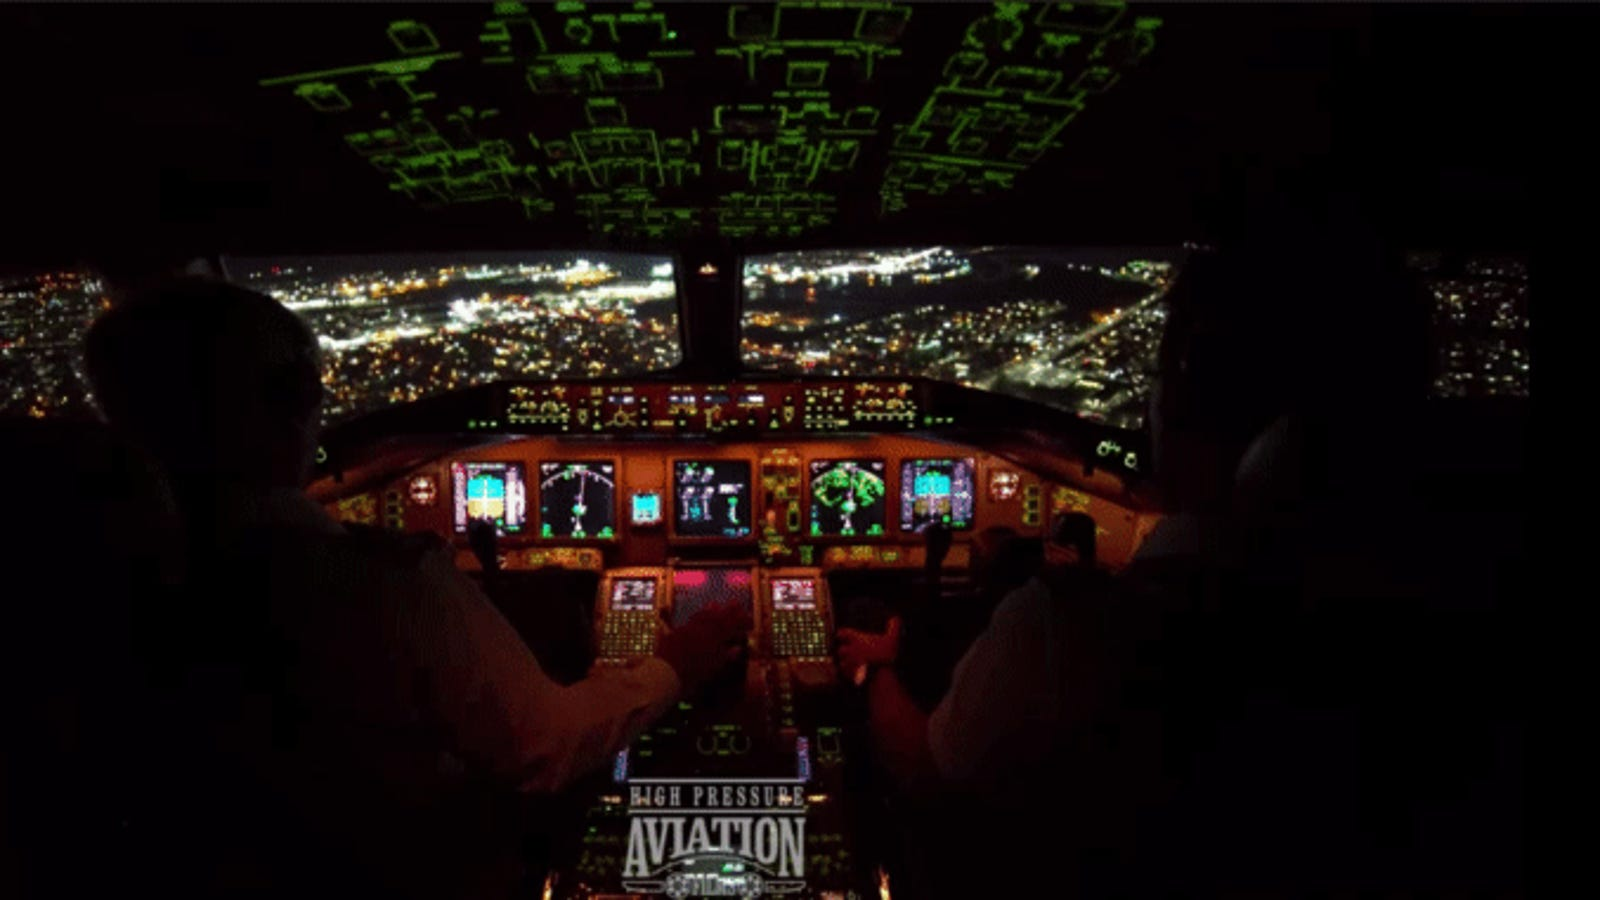 Así se aterriza un Boeing 777 en la noche en el aeropuerto más concurrido de la ciudad de Nueva York